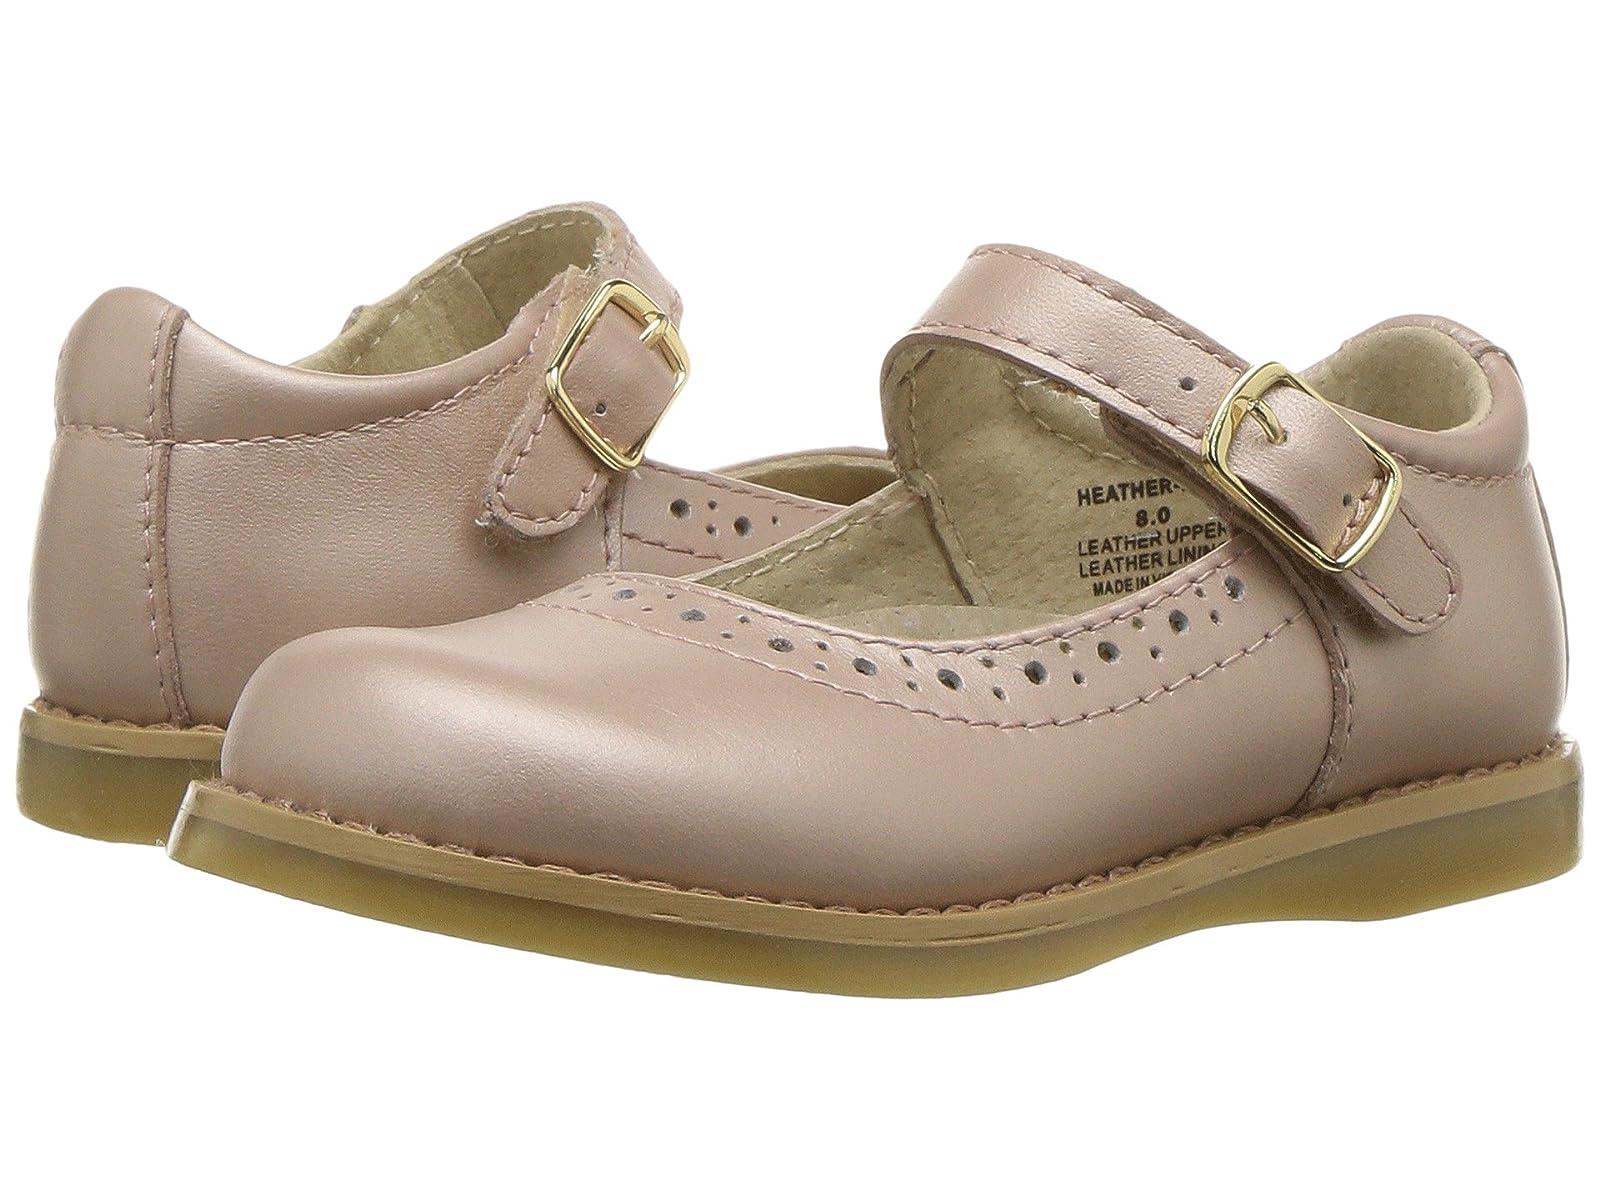 FootMates Heather (Infant/Toddler/Little Kid)Atmospheric grades have affordable shoes